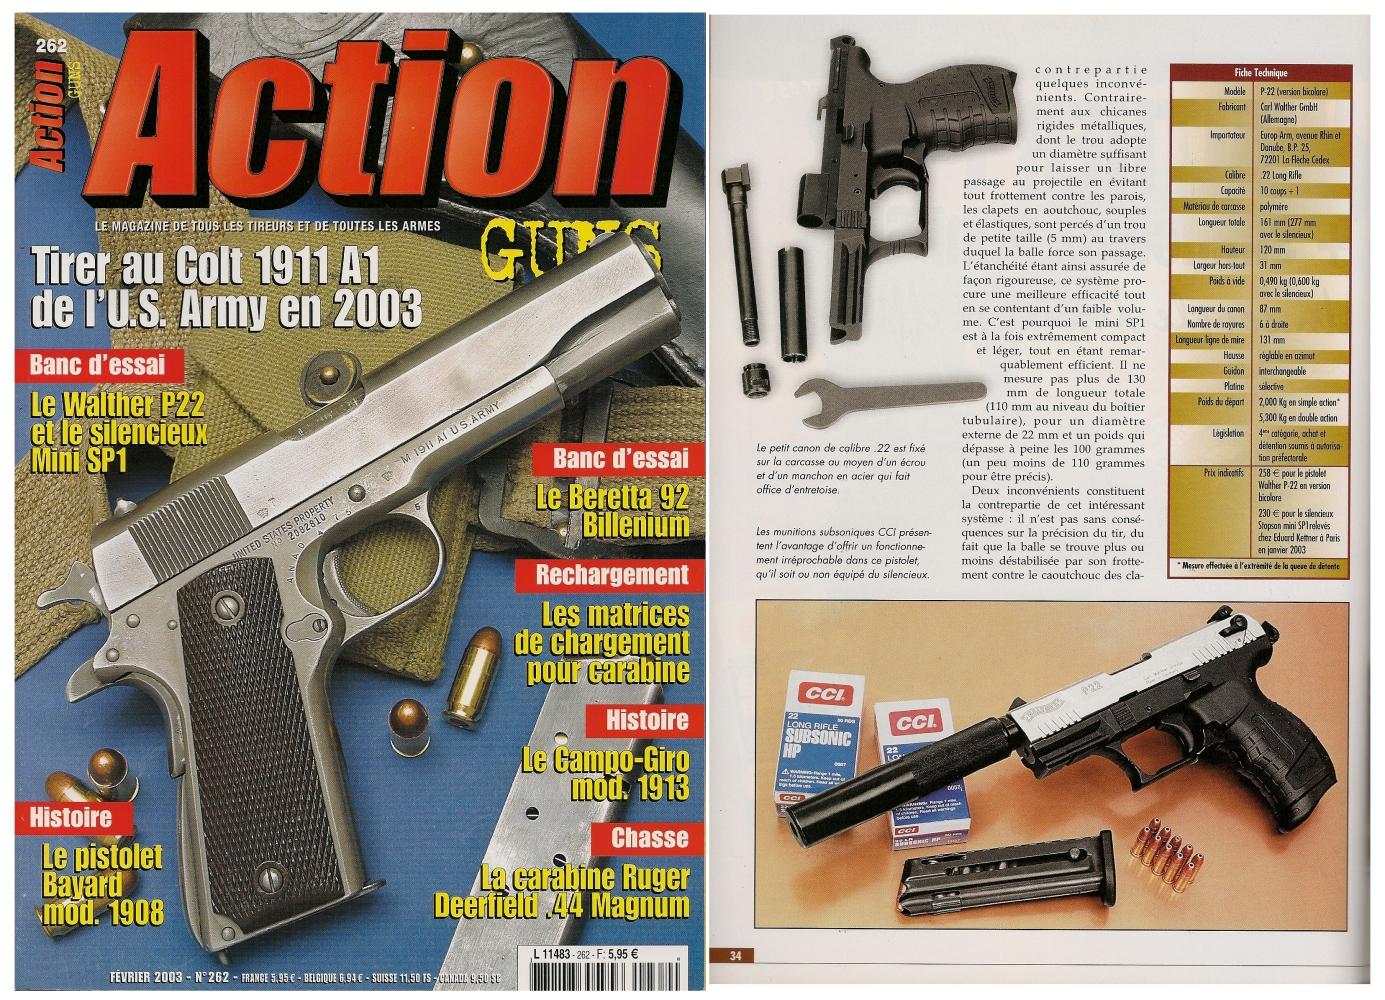 Le banc d'essai du Walther P-22 accompagné du silencieux mini SP1 a été publié sur 6 pages dans le magazine Action Guns n°262 (février 2003).